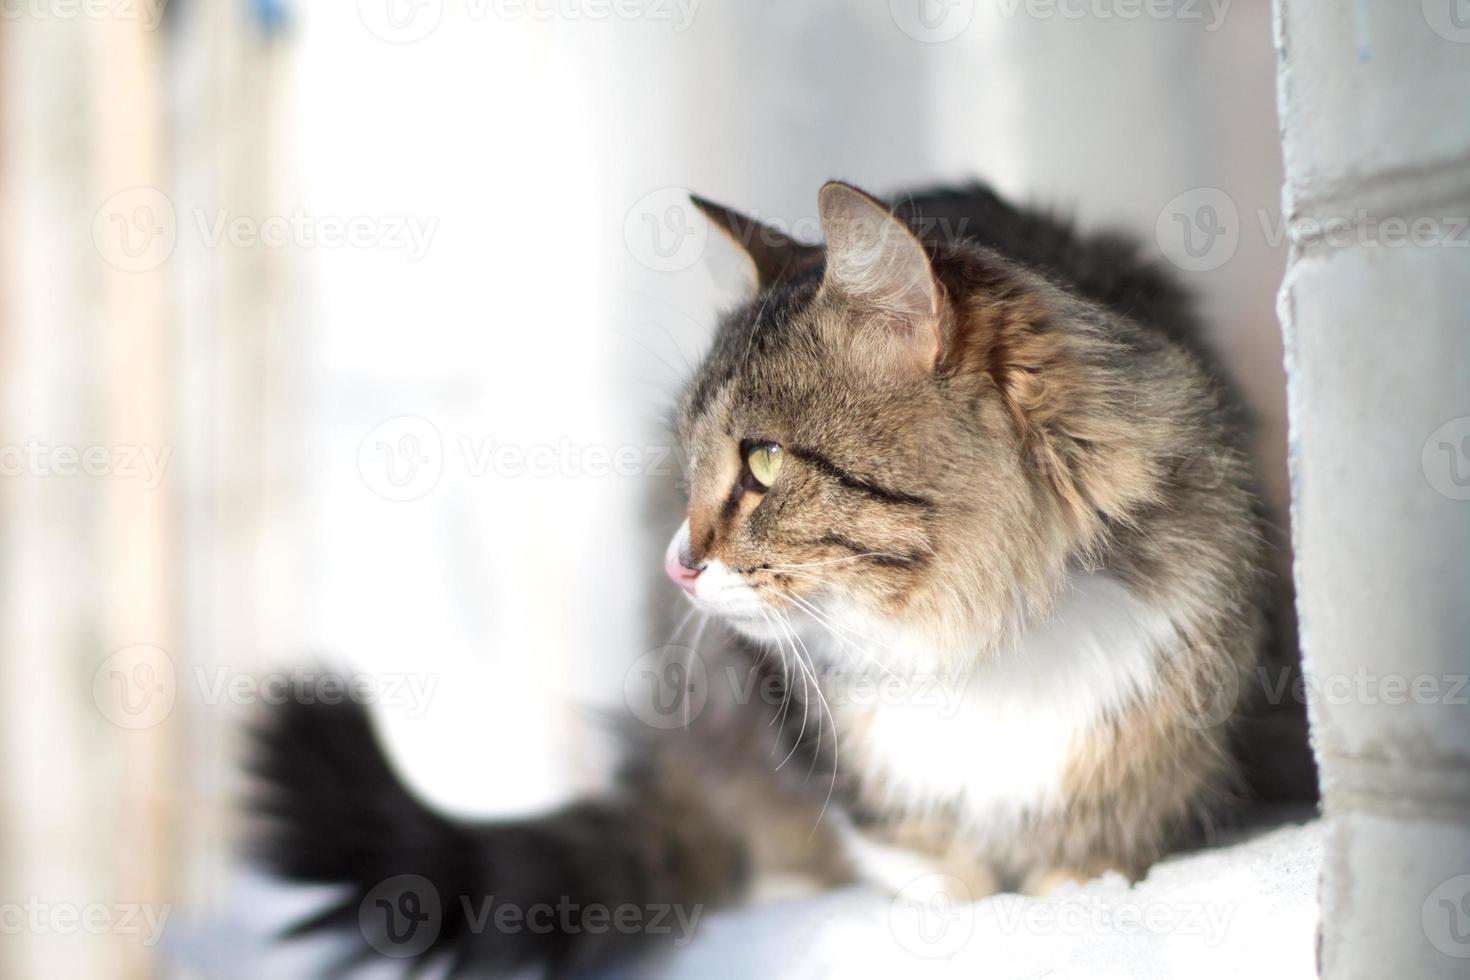 bellissimo gatto birichino su un davanzale in inverno foto